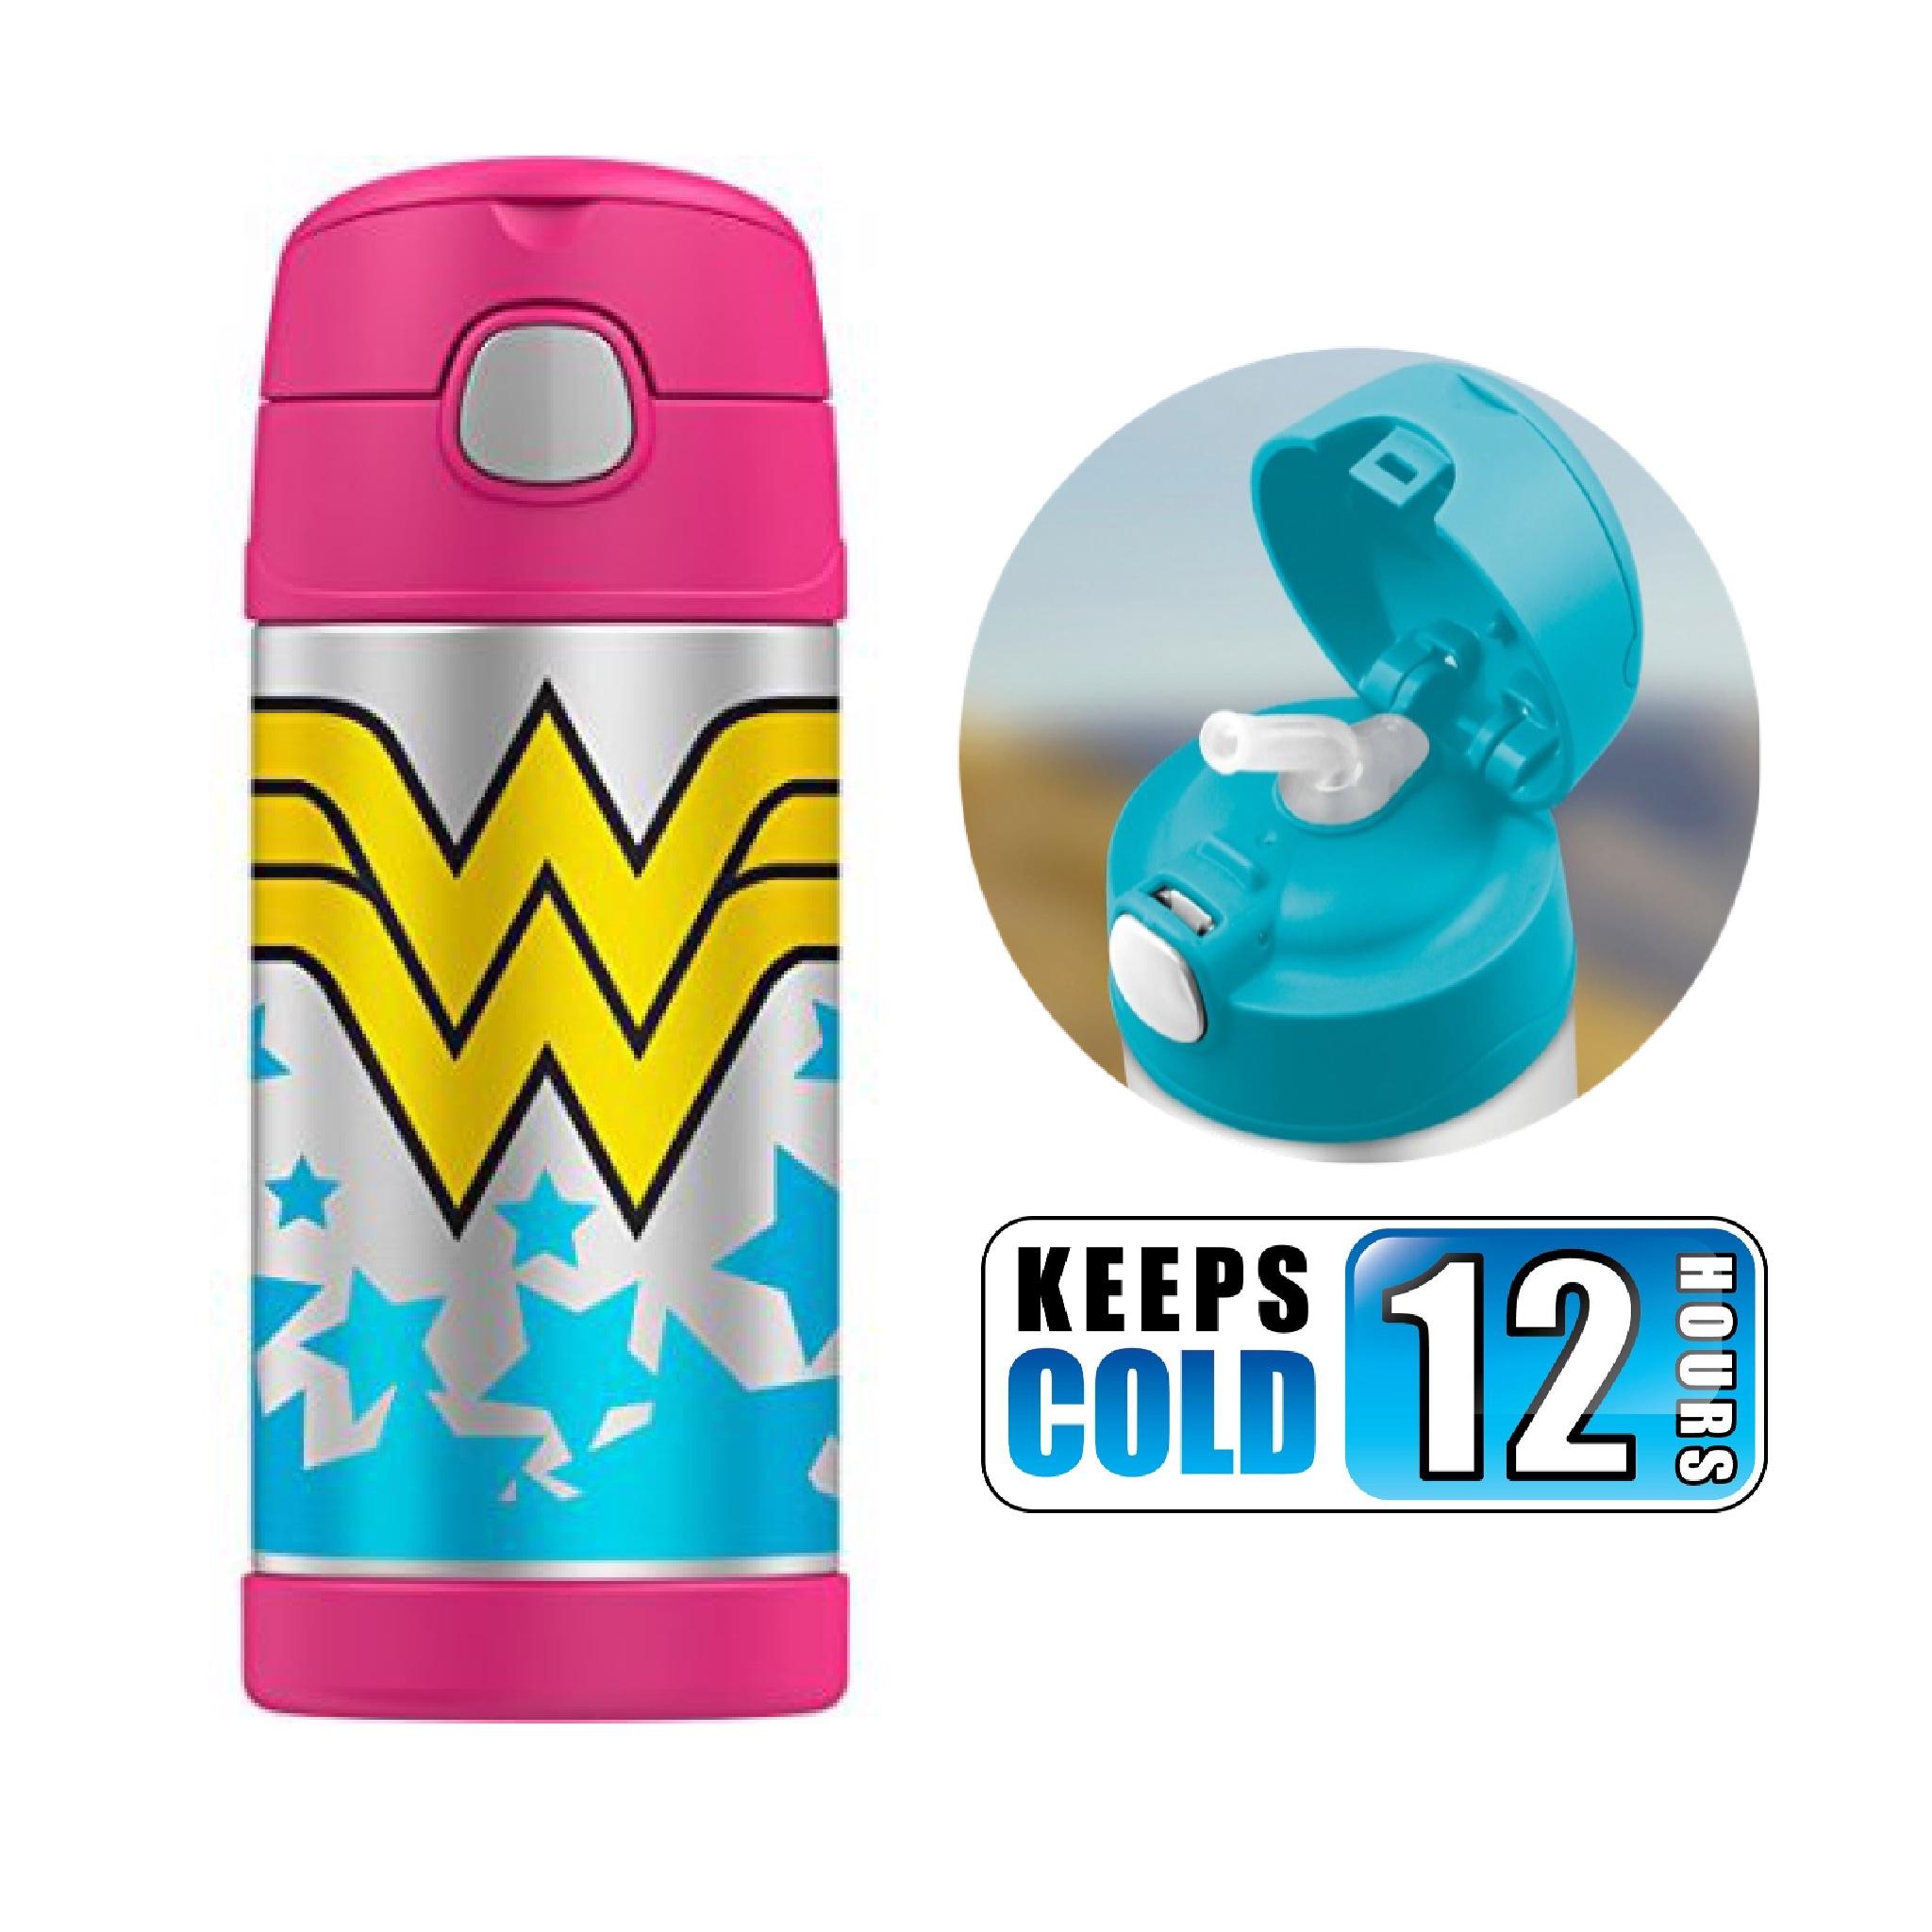 กระติกน้ำสเตนเลสรักษาอุณหภูมิ Thermos FUNtainer Vacuum Insulated Stainless Steel Bottle 12OZ (Wonder Woman)